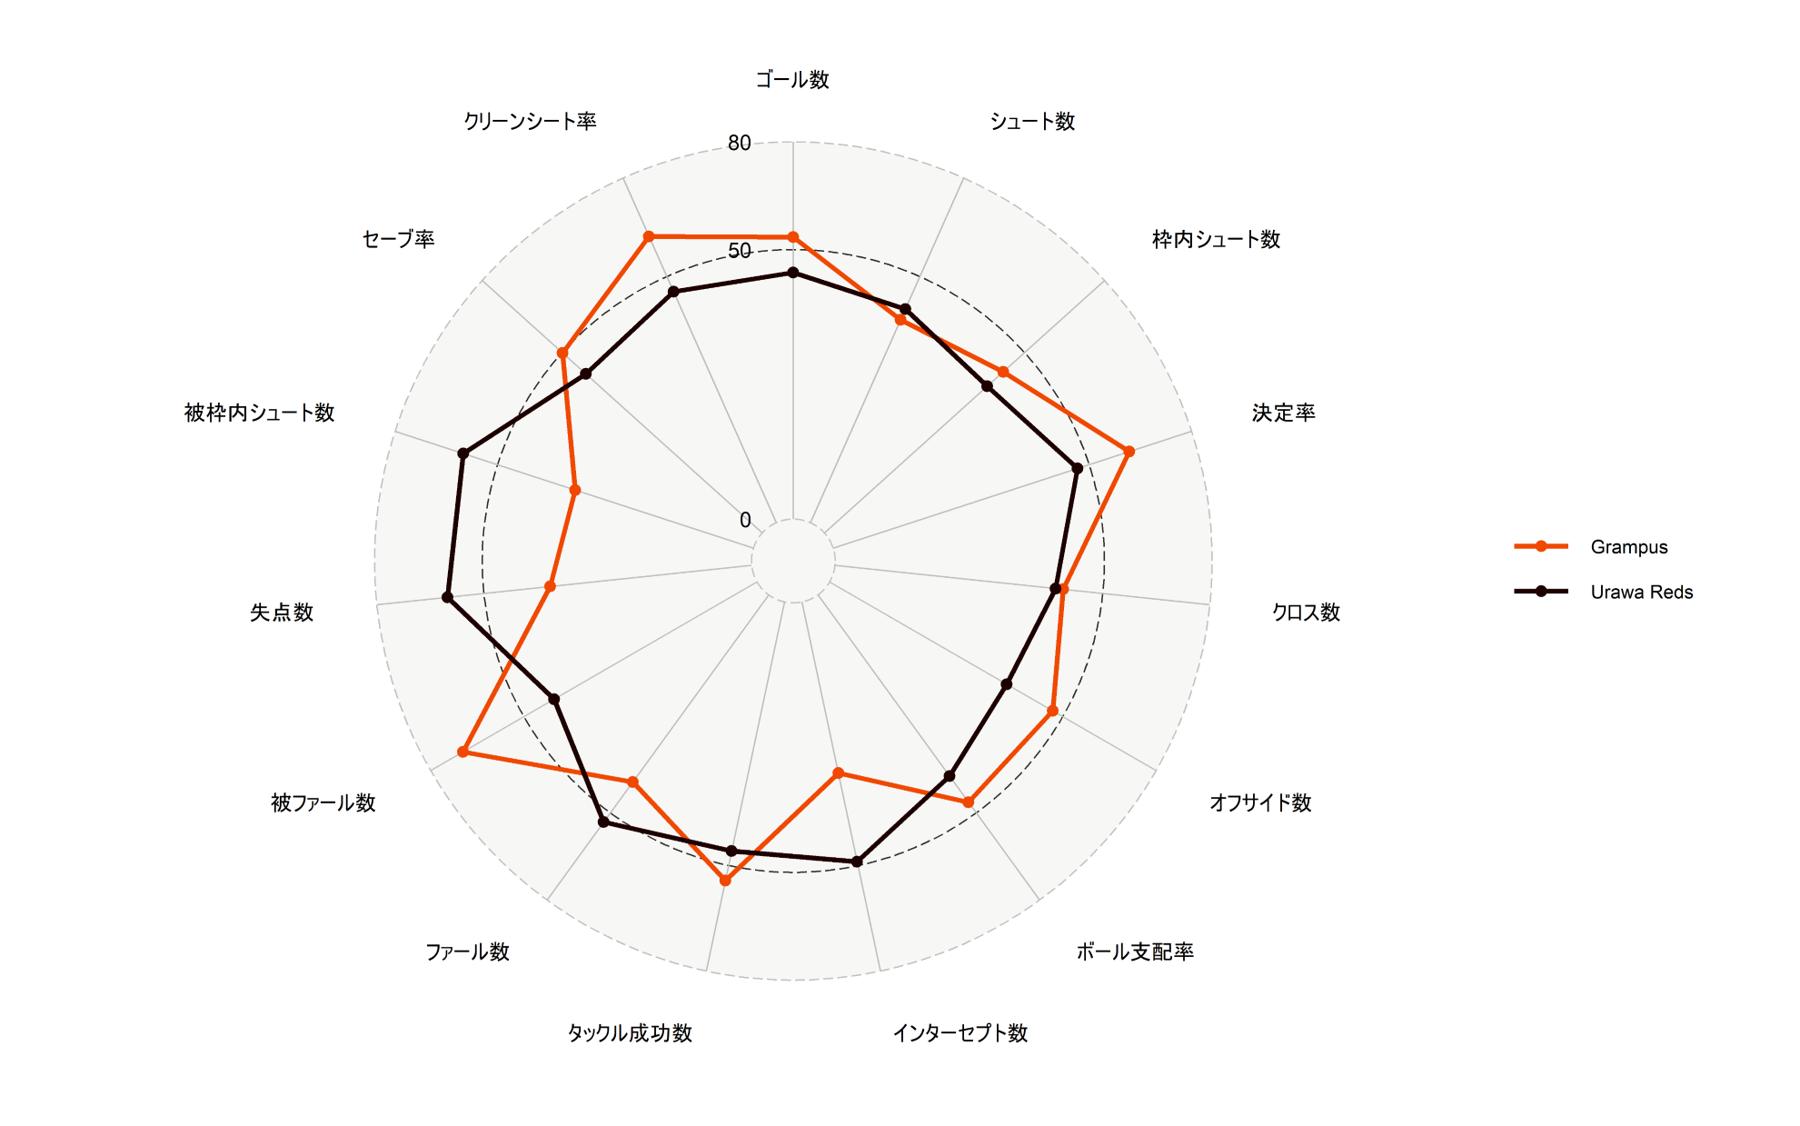 第20節時点の浦和レッズと名古屋グランパスのレーダーチャート